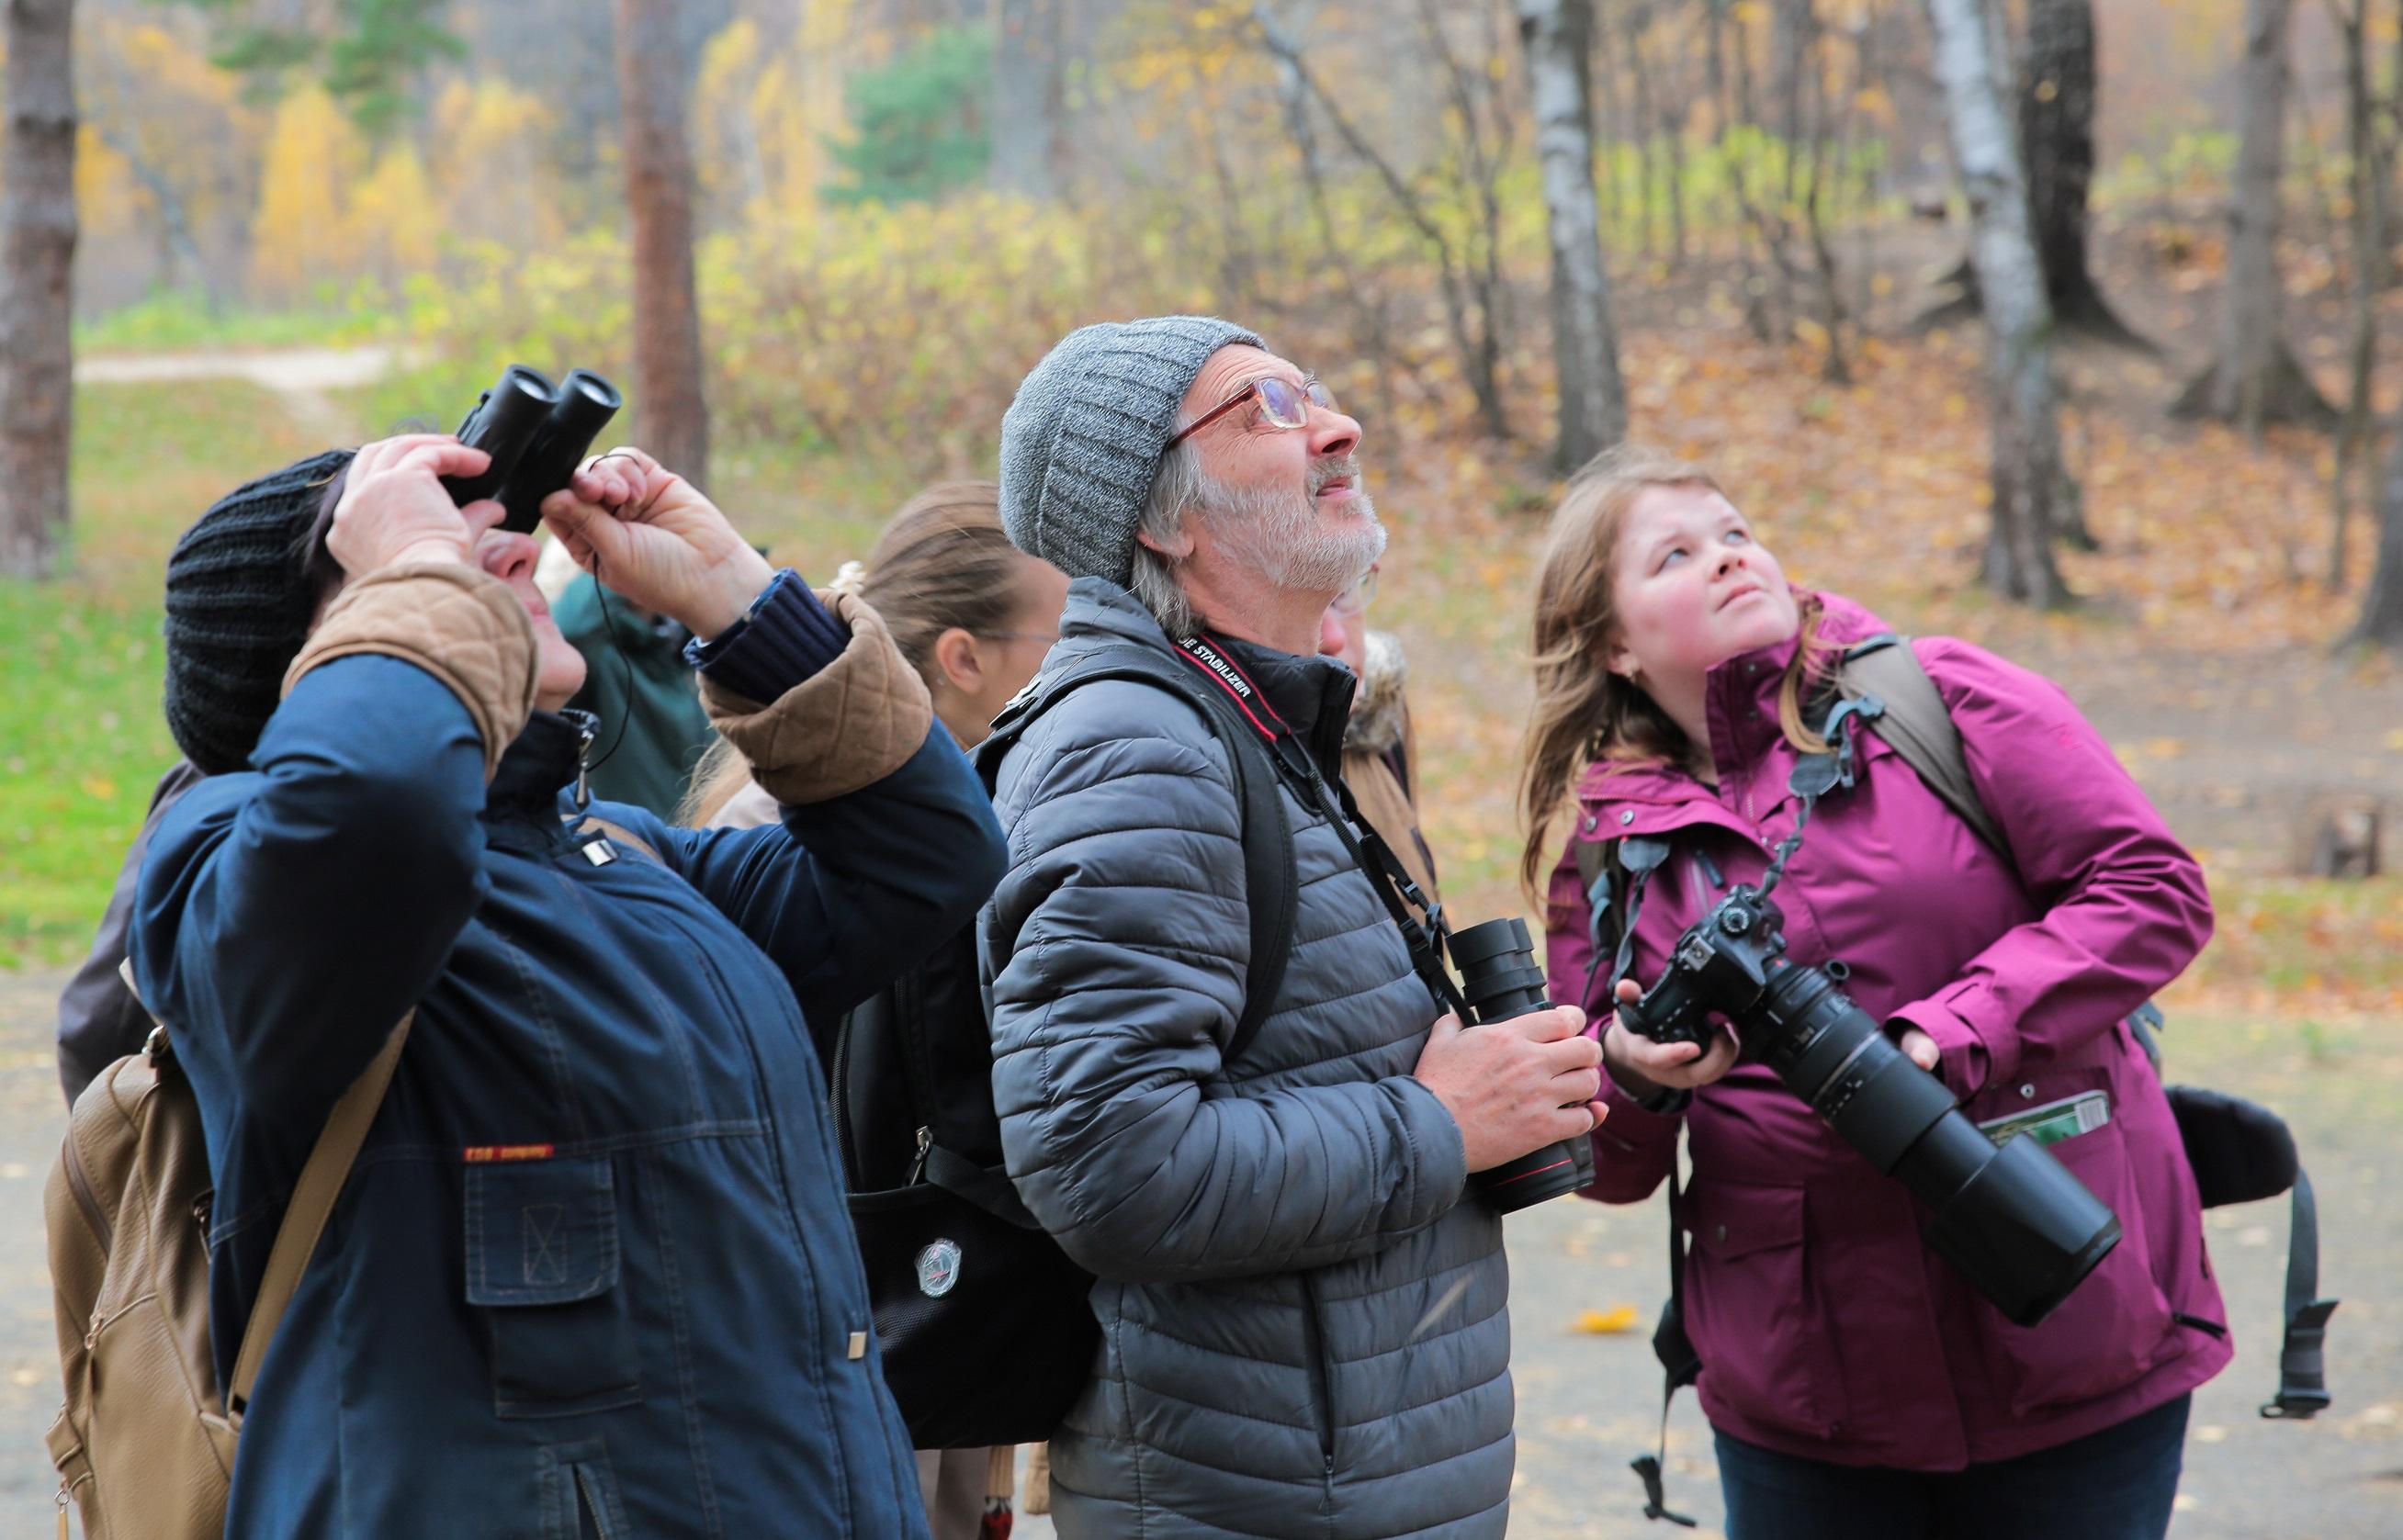 Москвичам расскажут в «Скворечнике» об инстинктах и особенностях поведения птиц